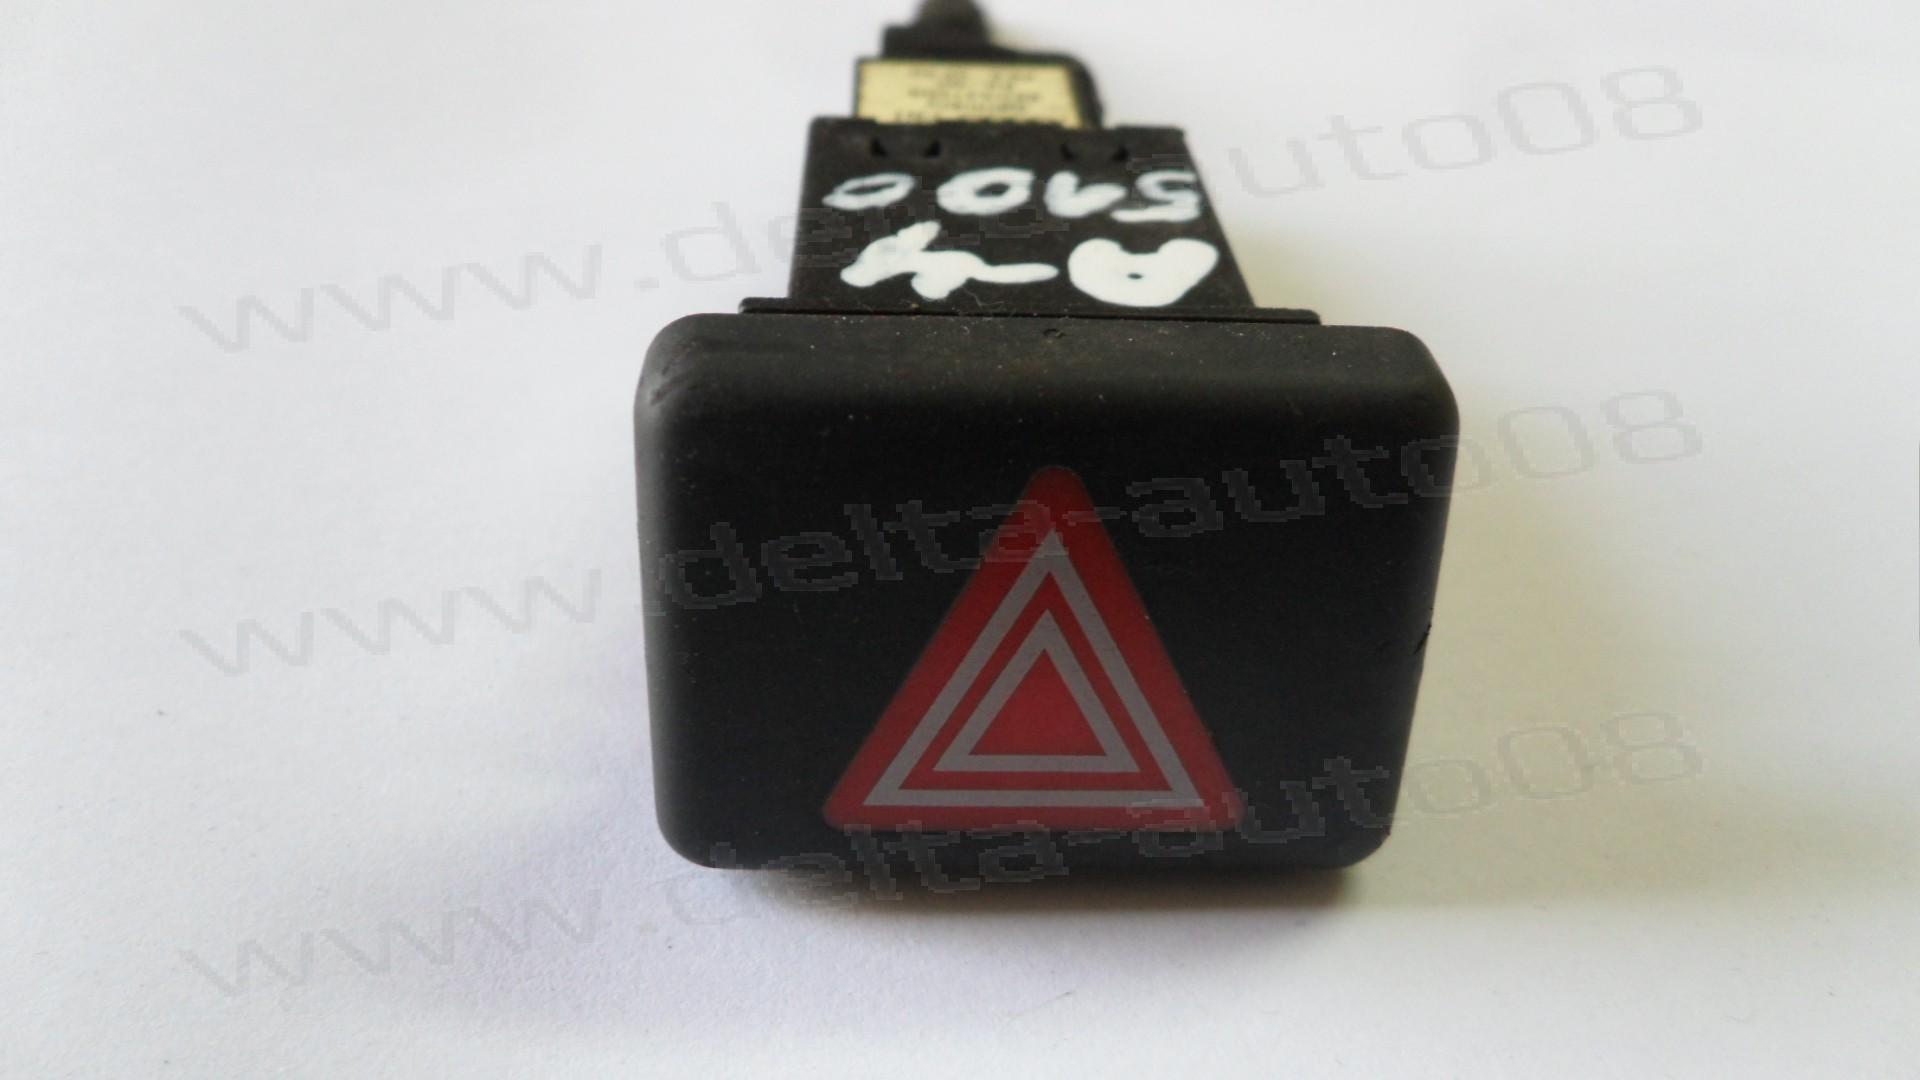 Бутон авариен за Audi A4 - 2001 - 2008г., 8E0 941 509, 8E0941509